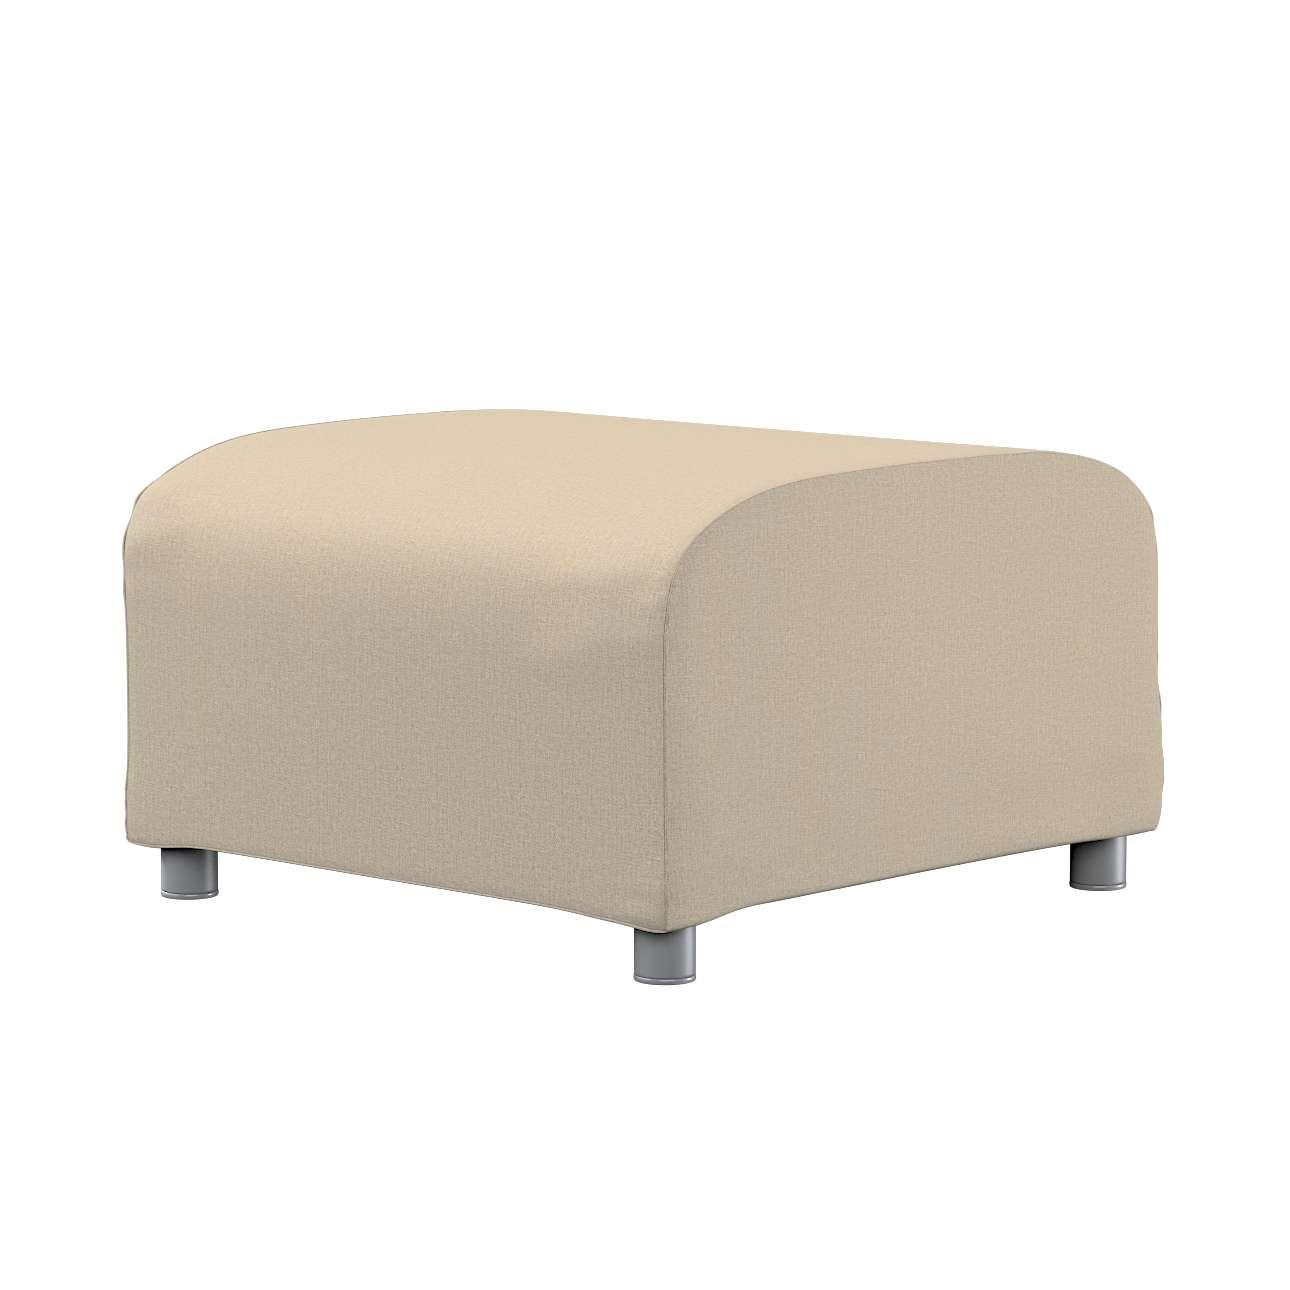 KLIPPAN pufo užvalkalas Klippan footstool cover kolekcijoje Edinburgh , audinys: 115-78